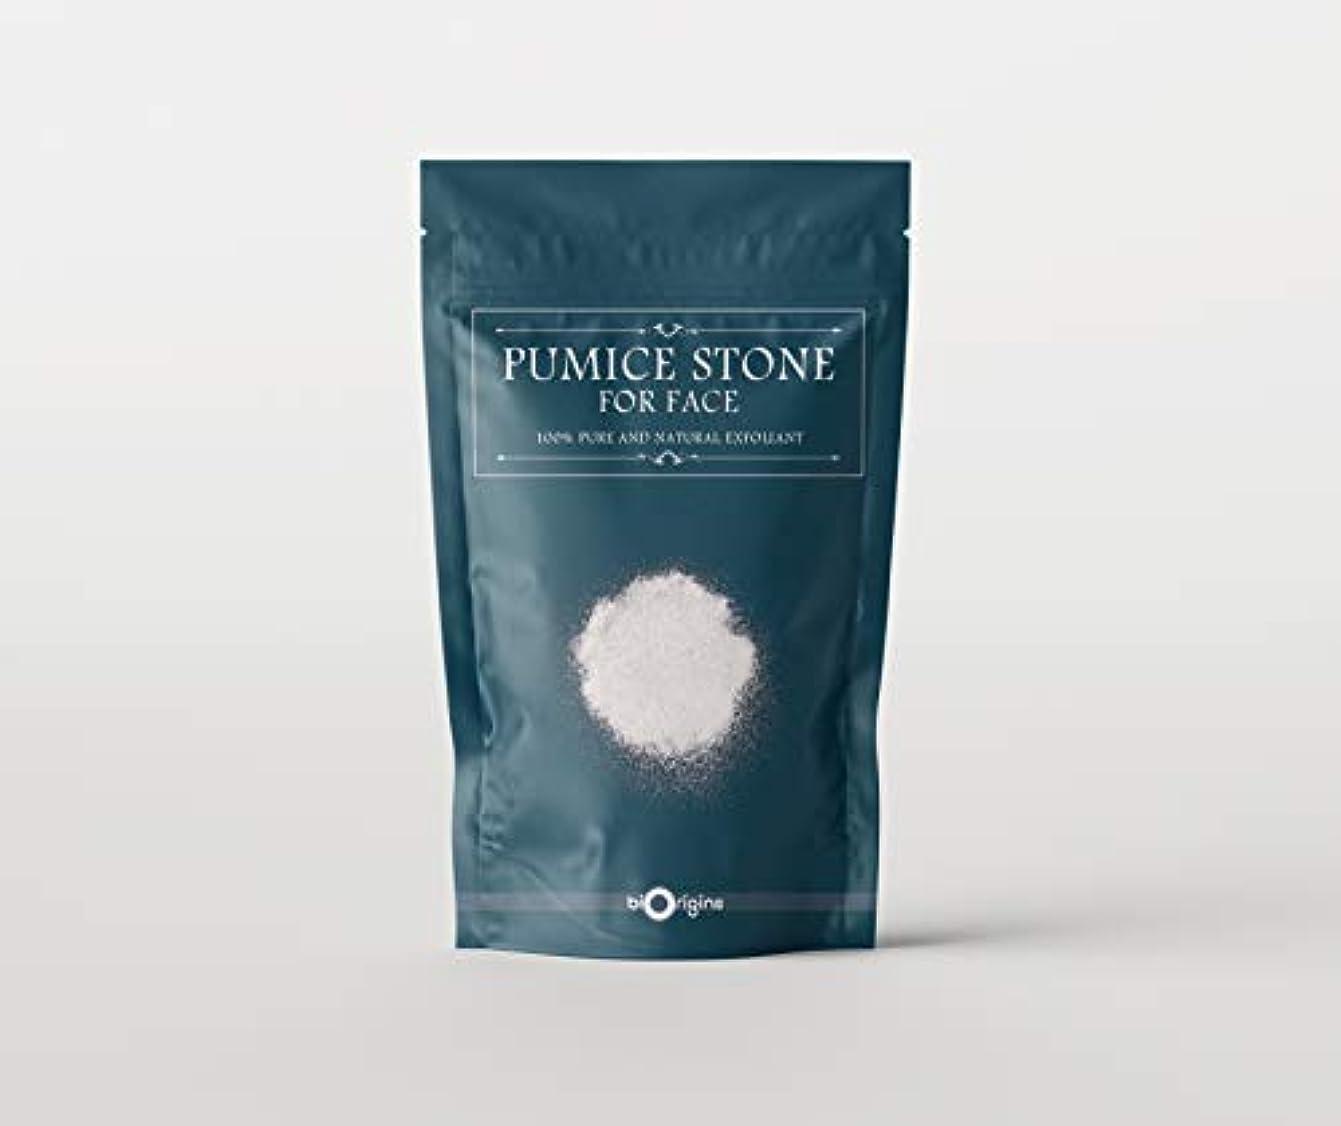 飛躍請求可能キラウエア山Pumice Stone Superfine For Face Exfoliant 1Kg